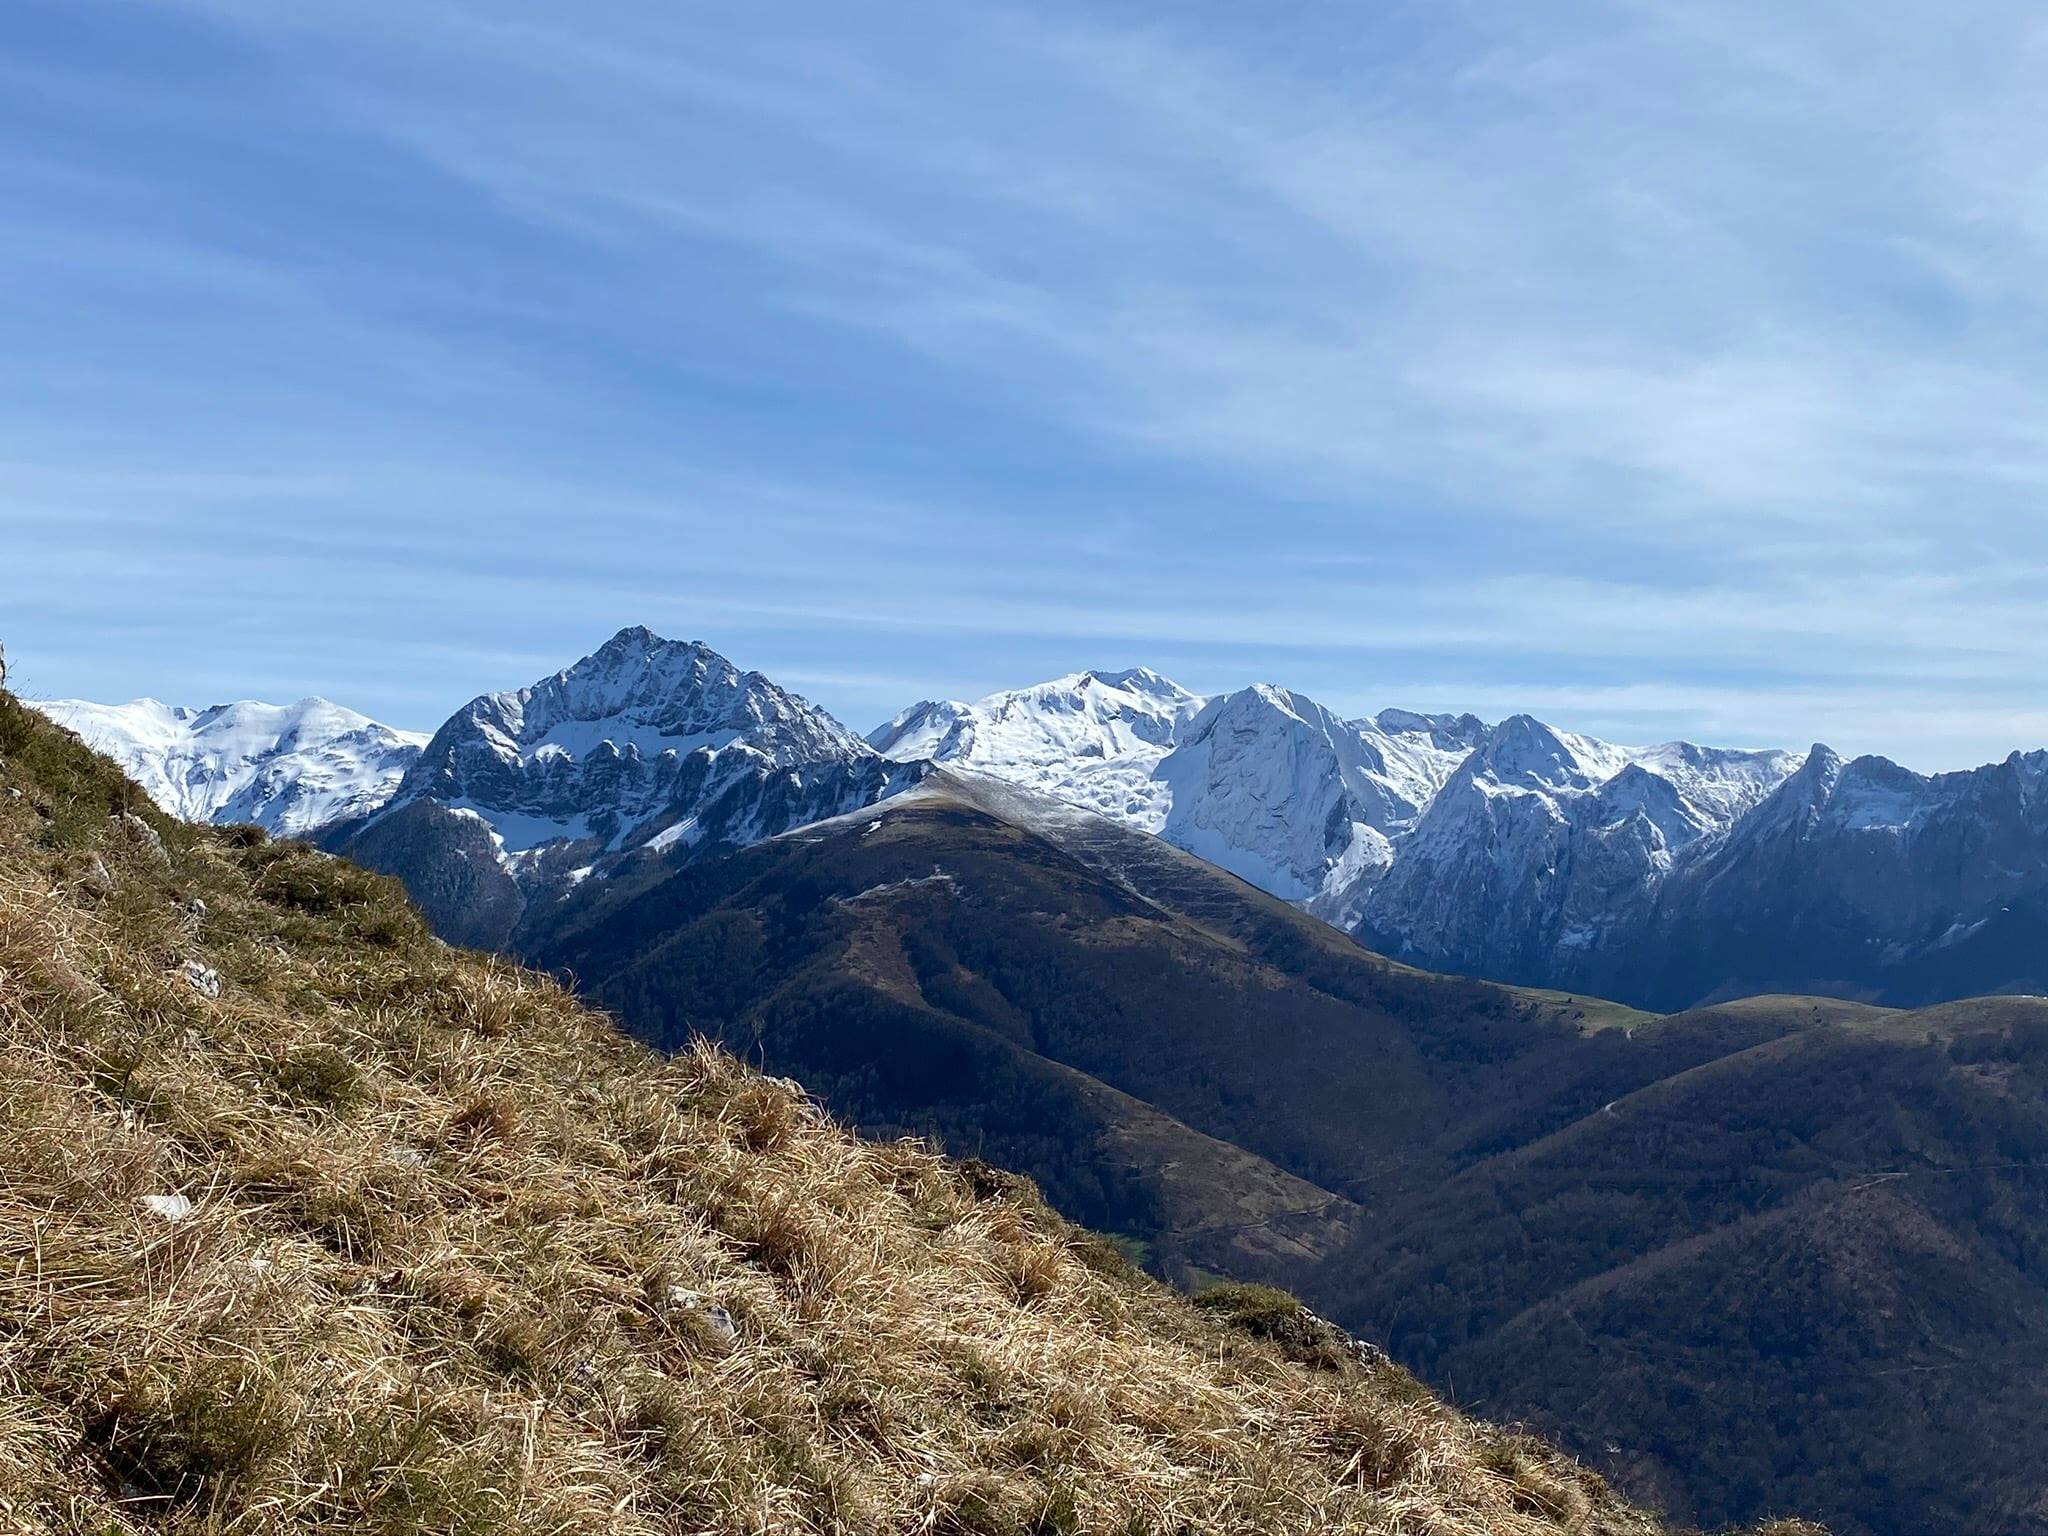 Belle vue sur les sommets enneigés